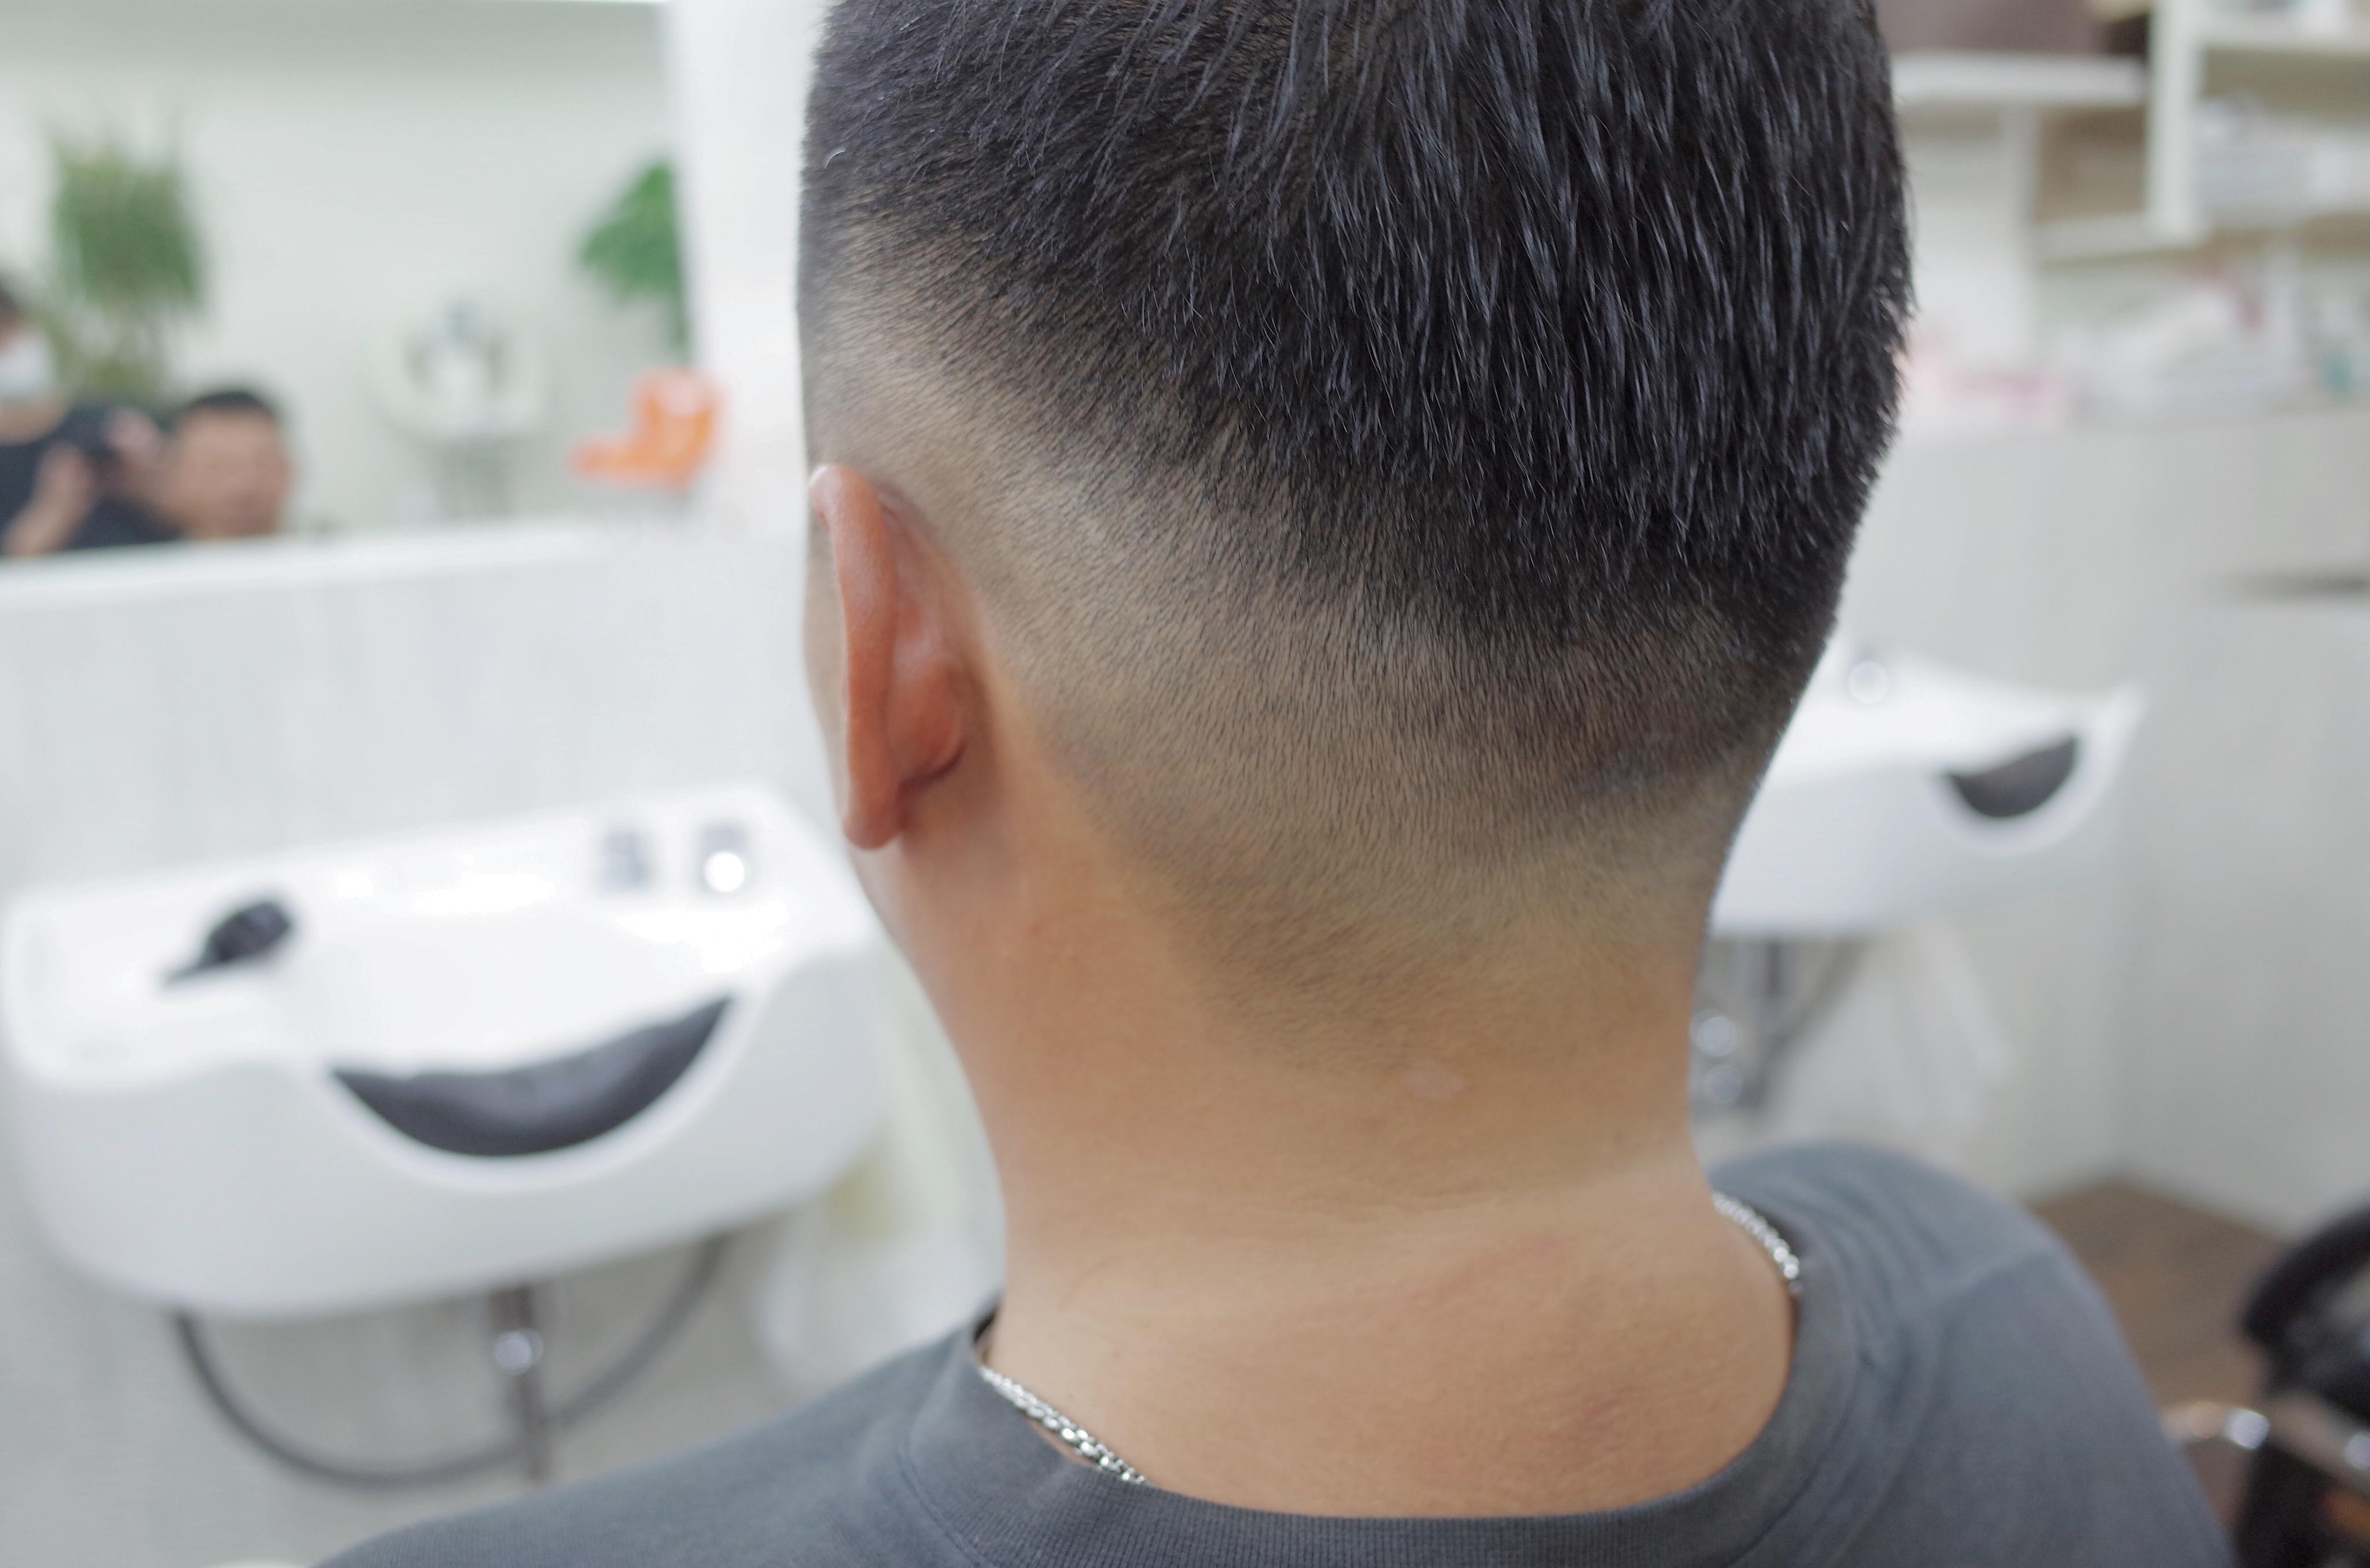 ケンコバ風の髪型が完成し、後ろの刈り上げ部分の写真